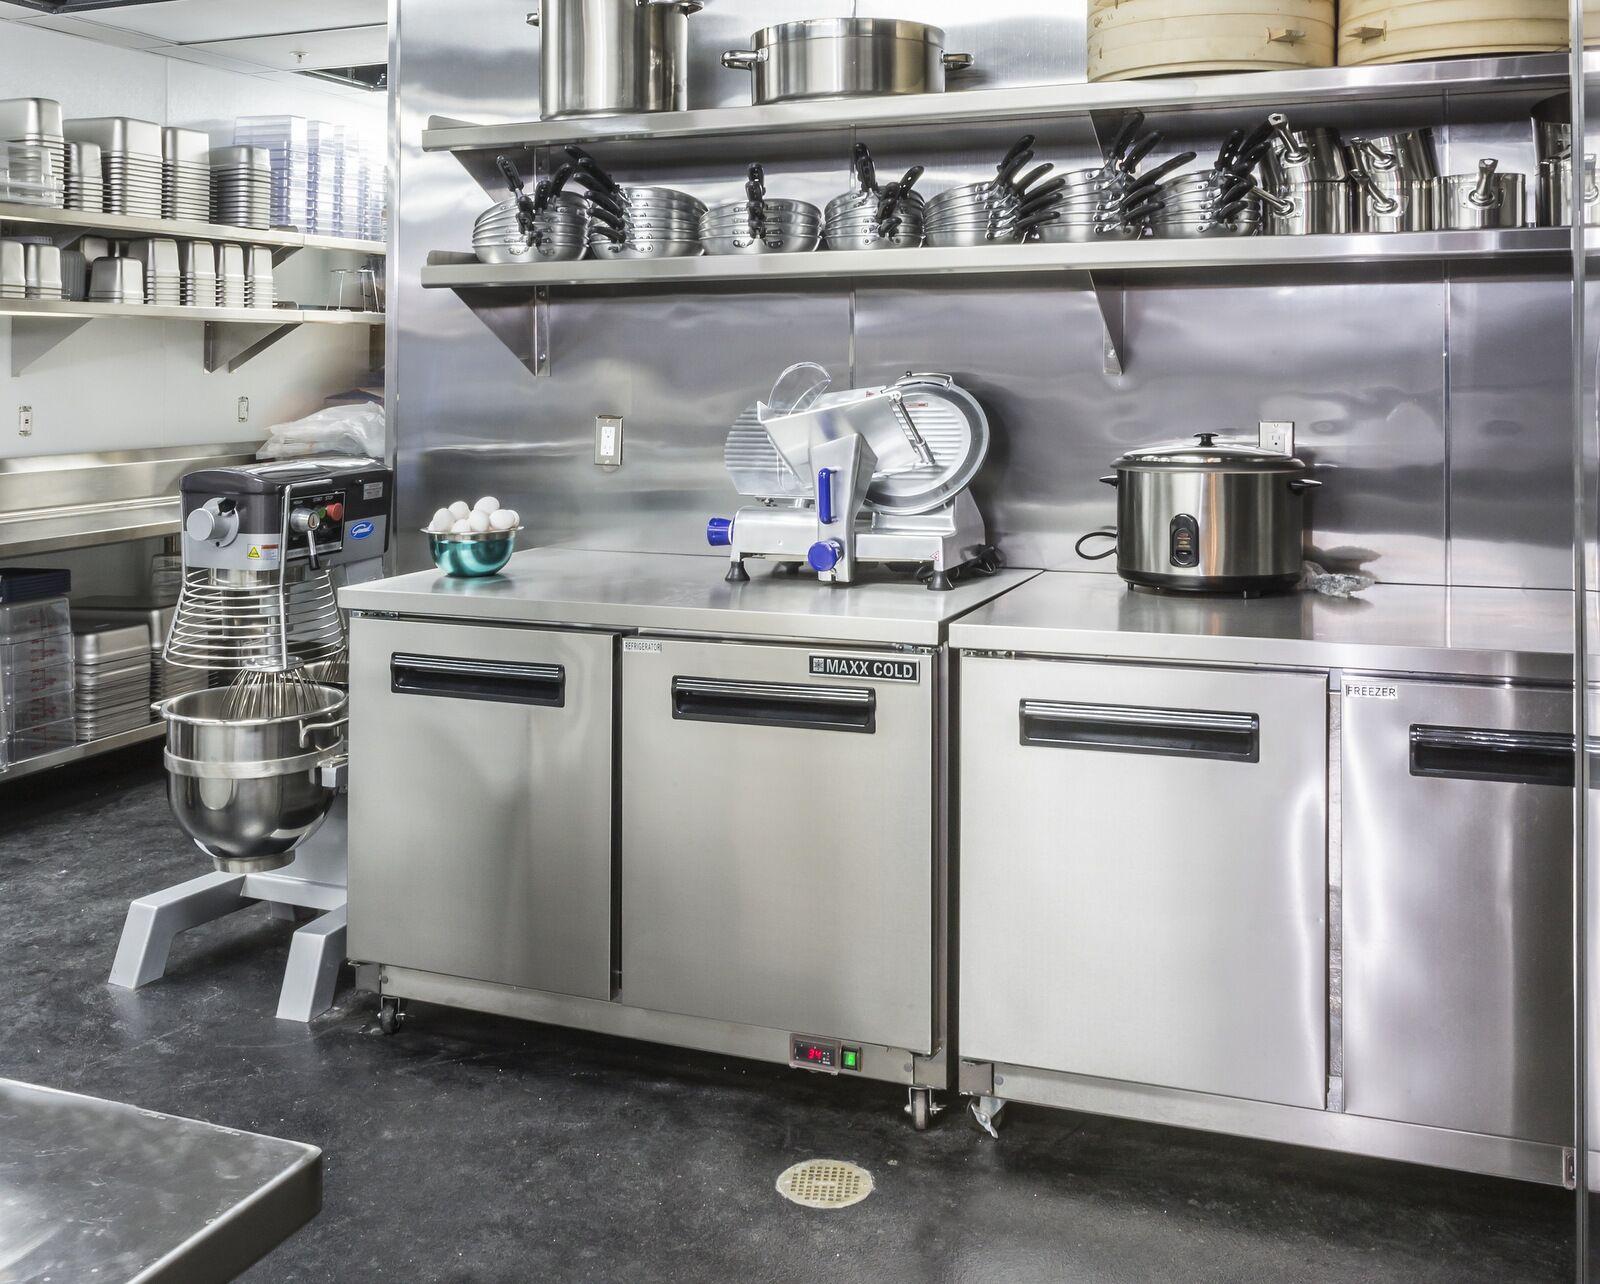 KitchenEquipment